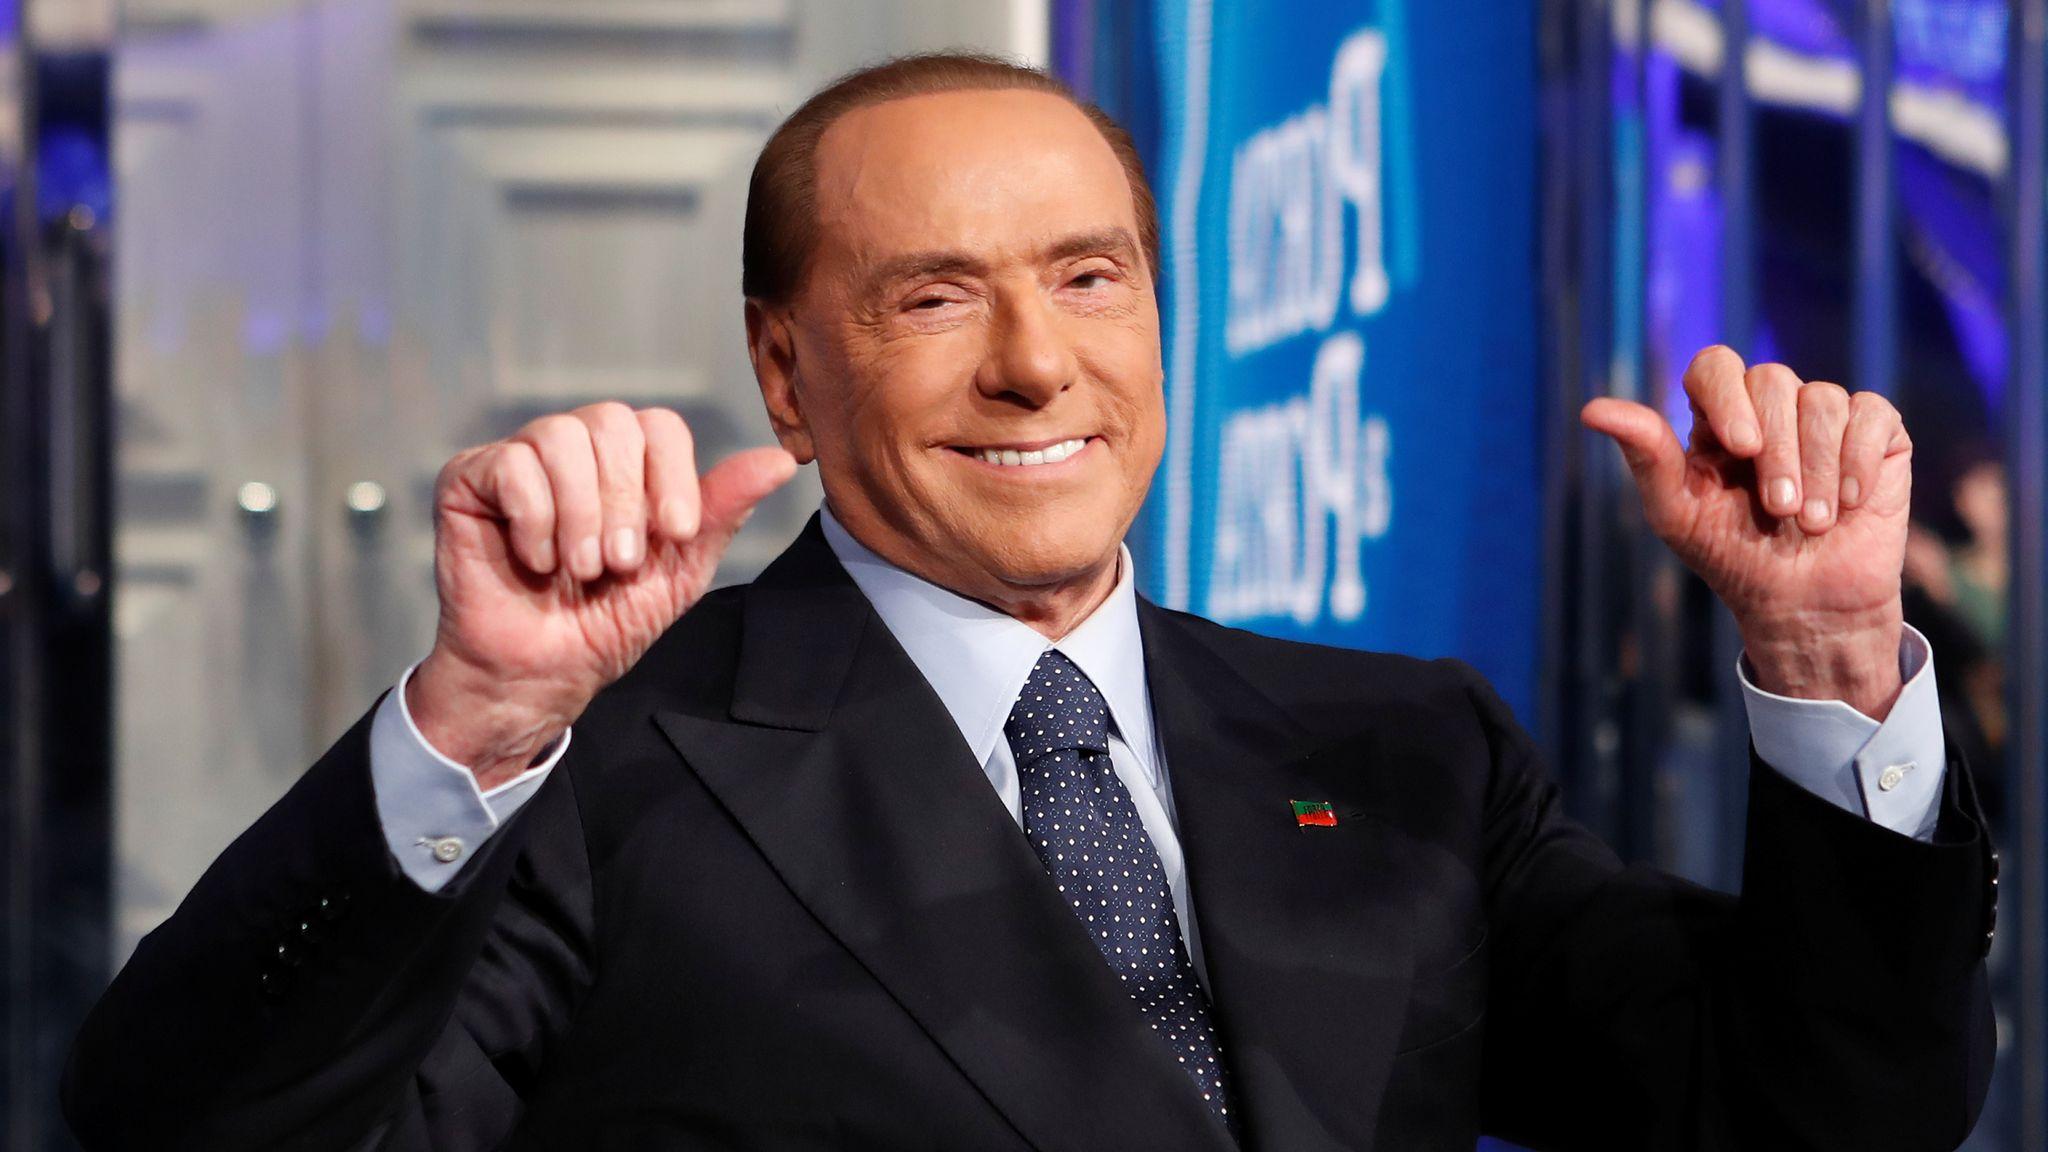 Silvio Berlusconi reyndist jákvæður fyrir covid-19